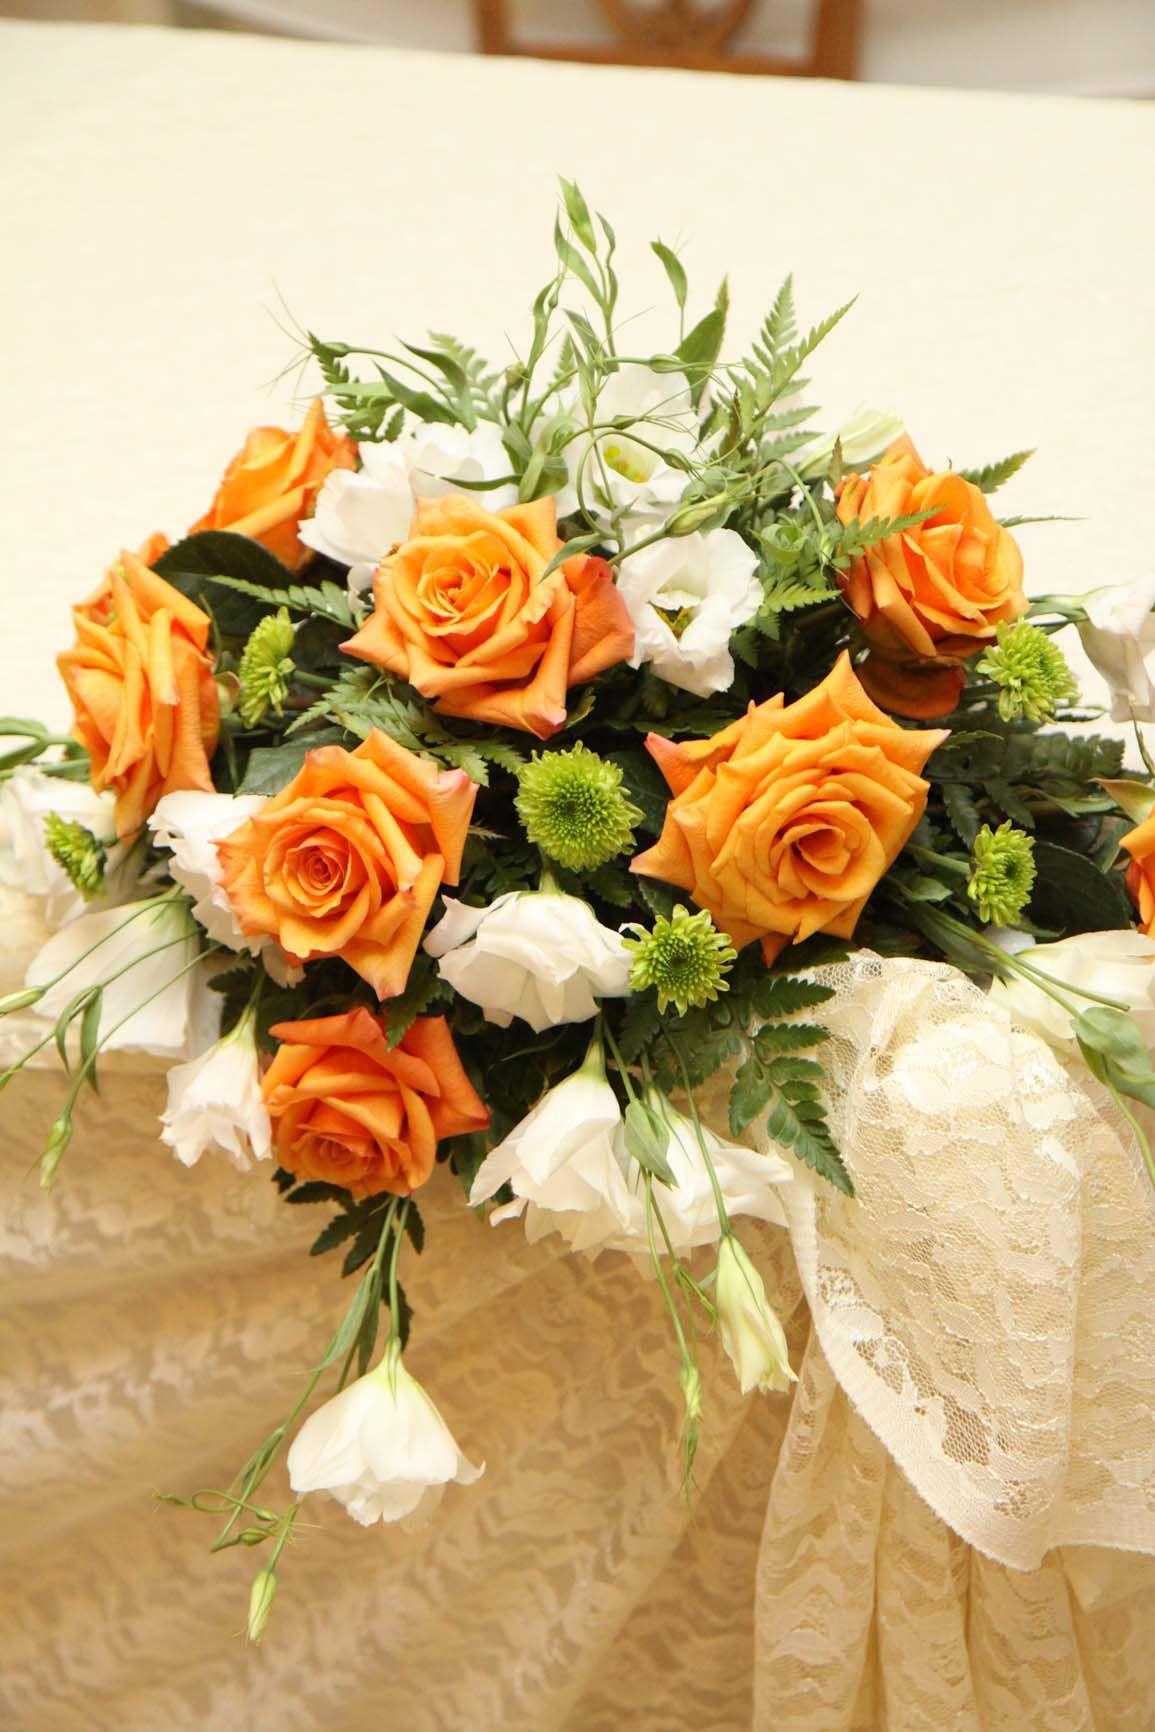 UN HERMOSO ARREGLO DE BODAS hecho por mi madre para mi boda civil (Mariela Britos)